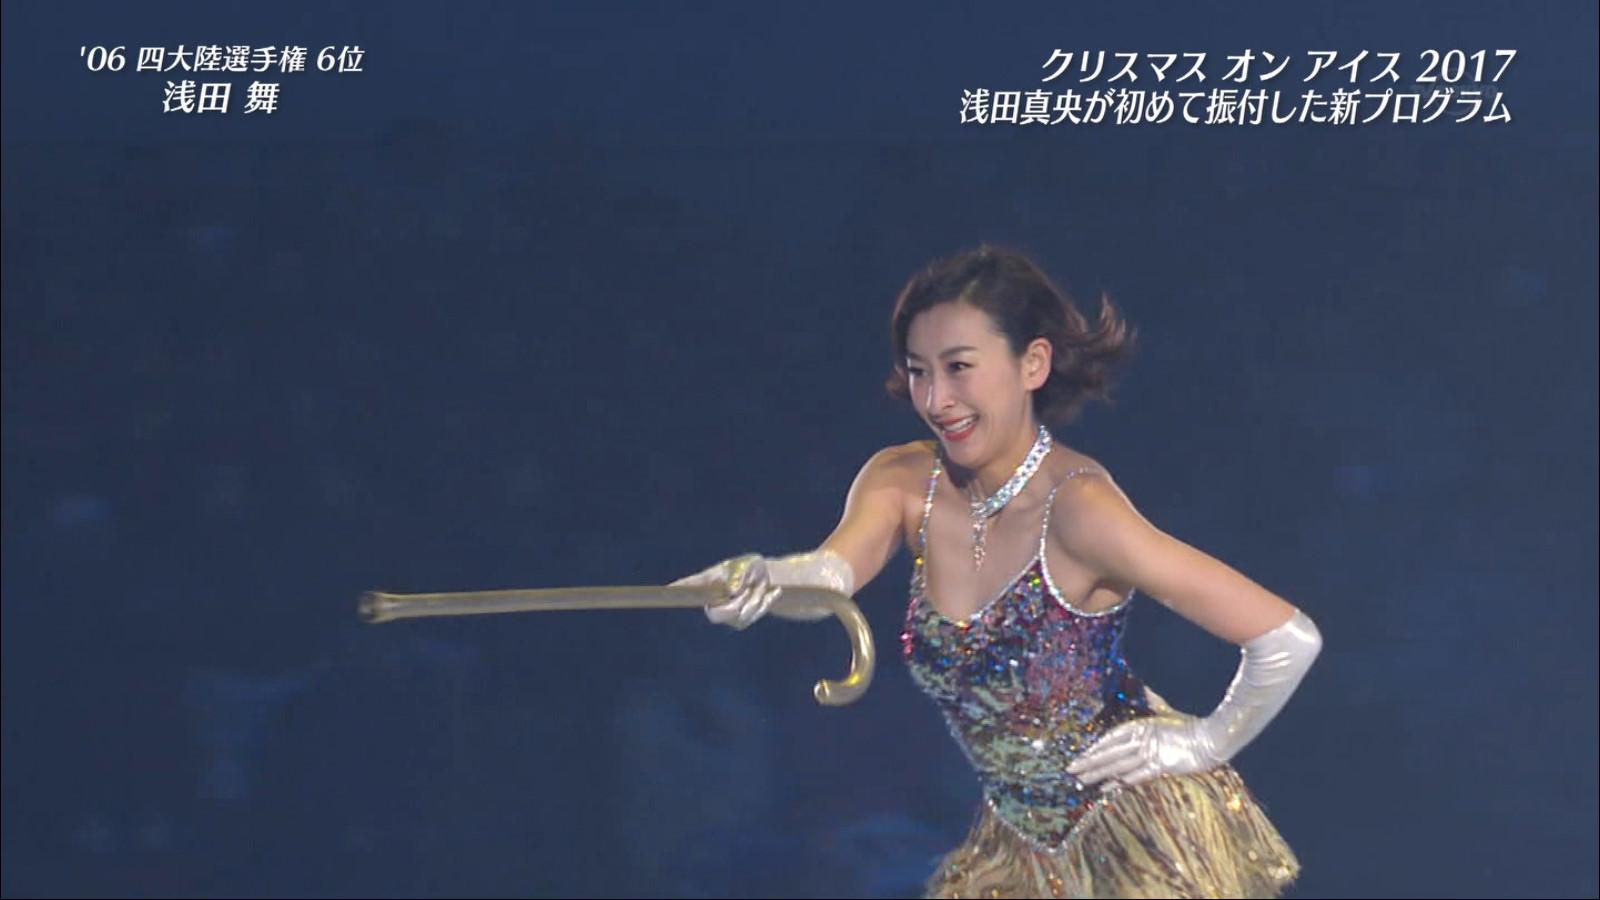 【画像】浅田舞、おっぱいブルンブルンさせながらアイスショーで滑る